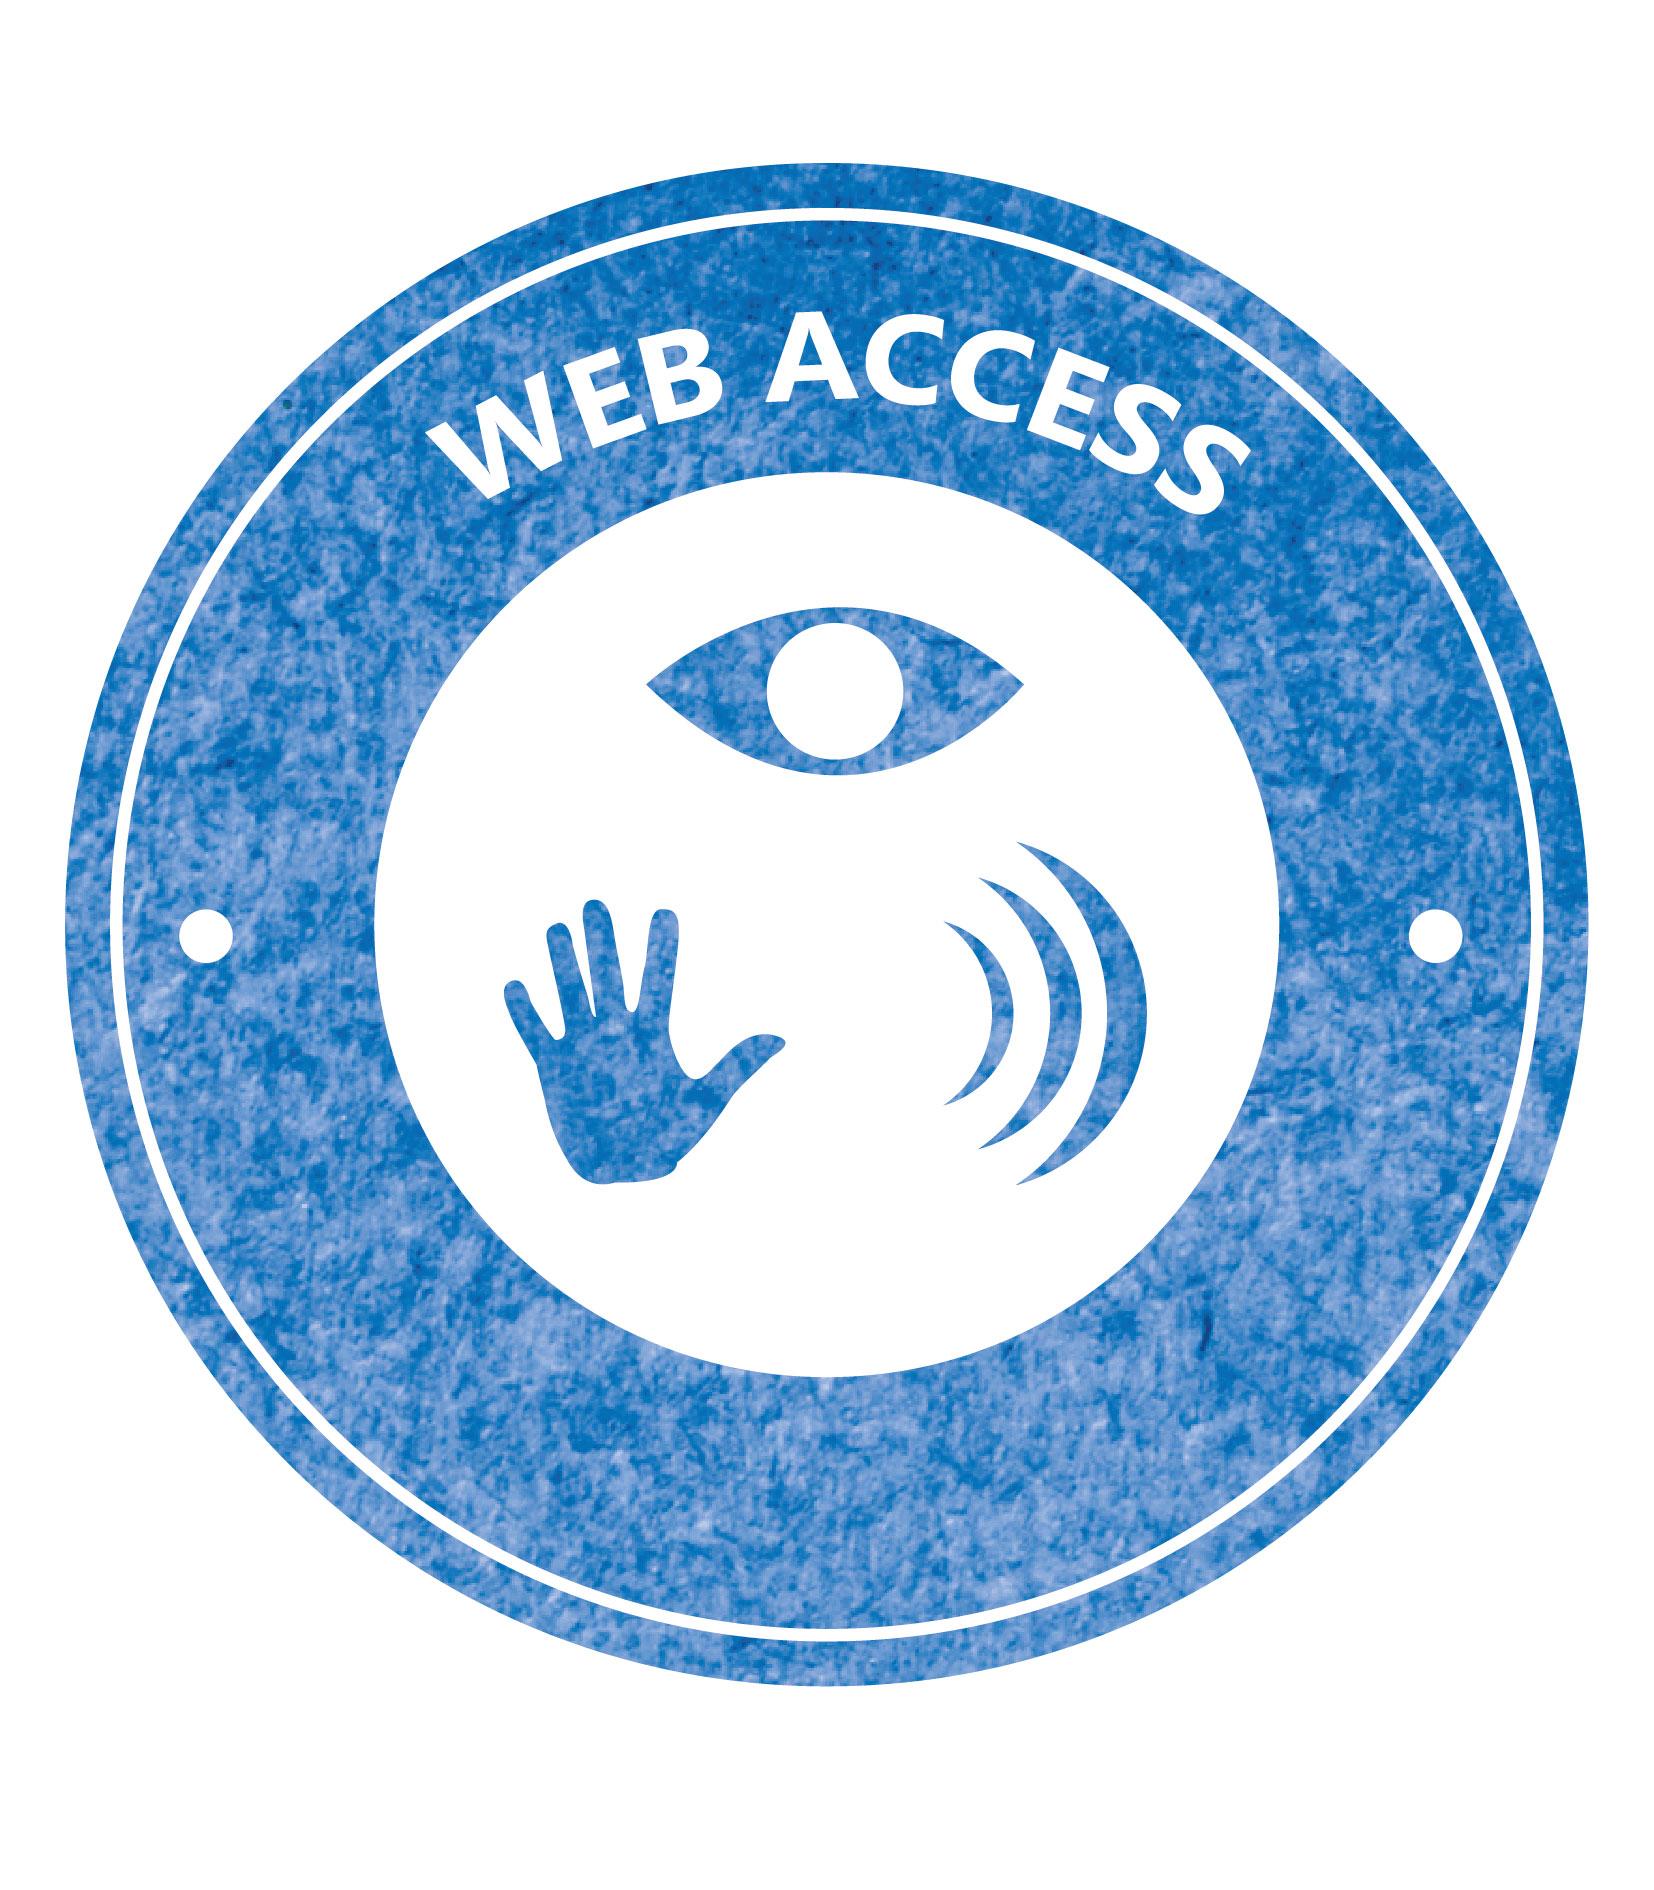 Distintivo de Accesibilidad WCAG 2.0, se abrirá en otra página